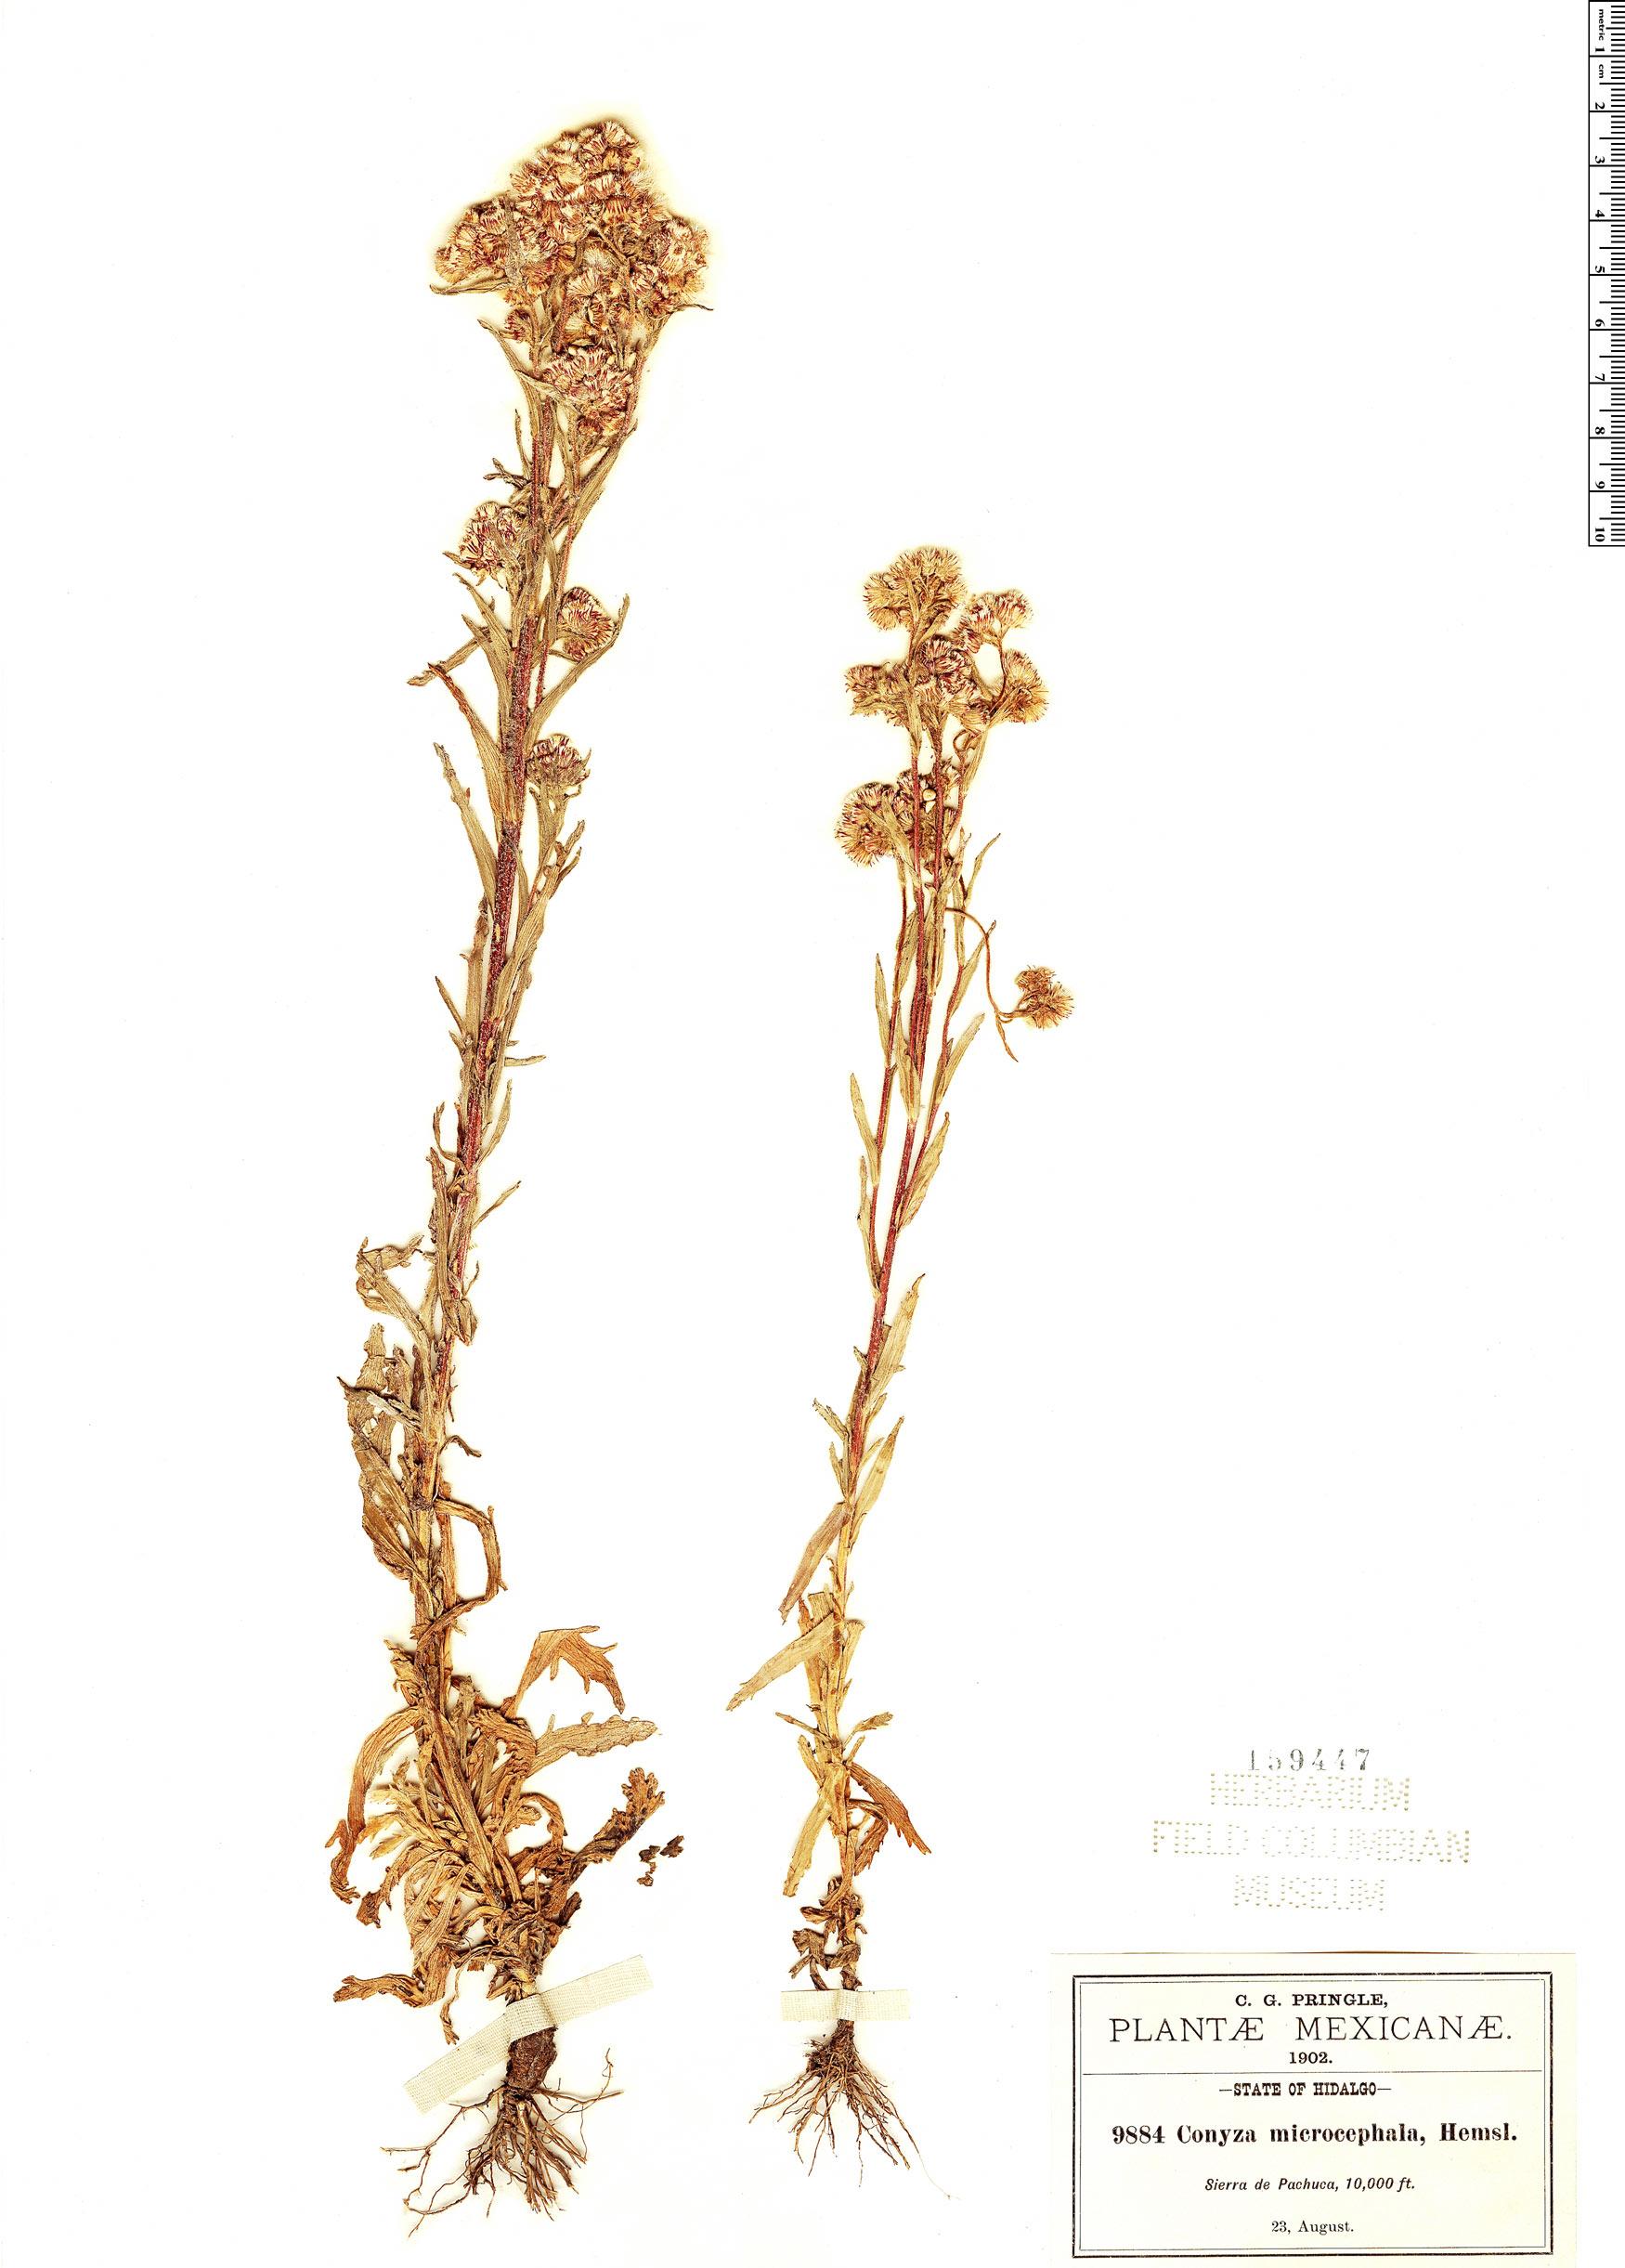 Specimen: Conyza microcephala